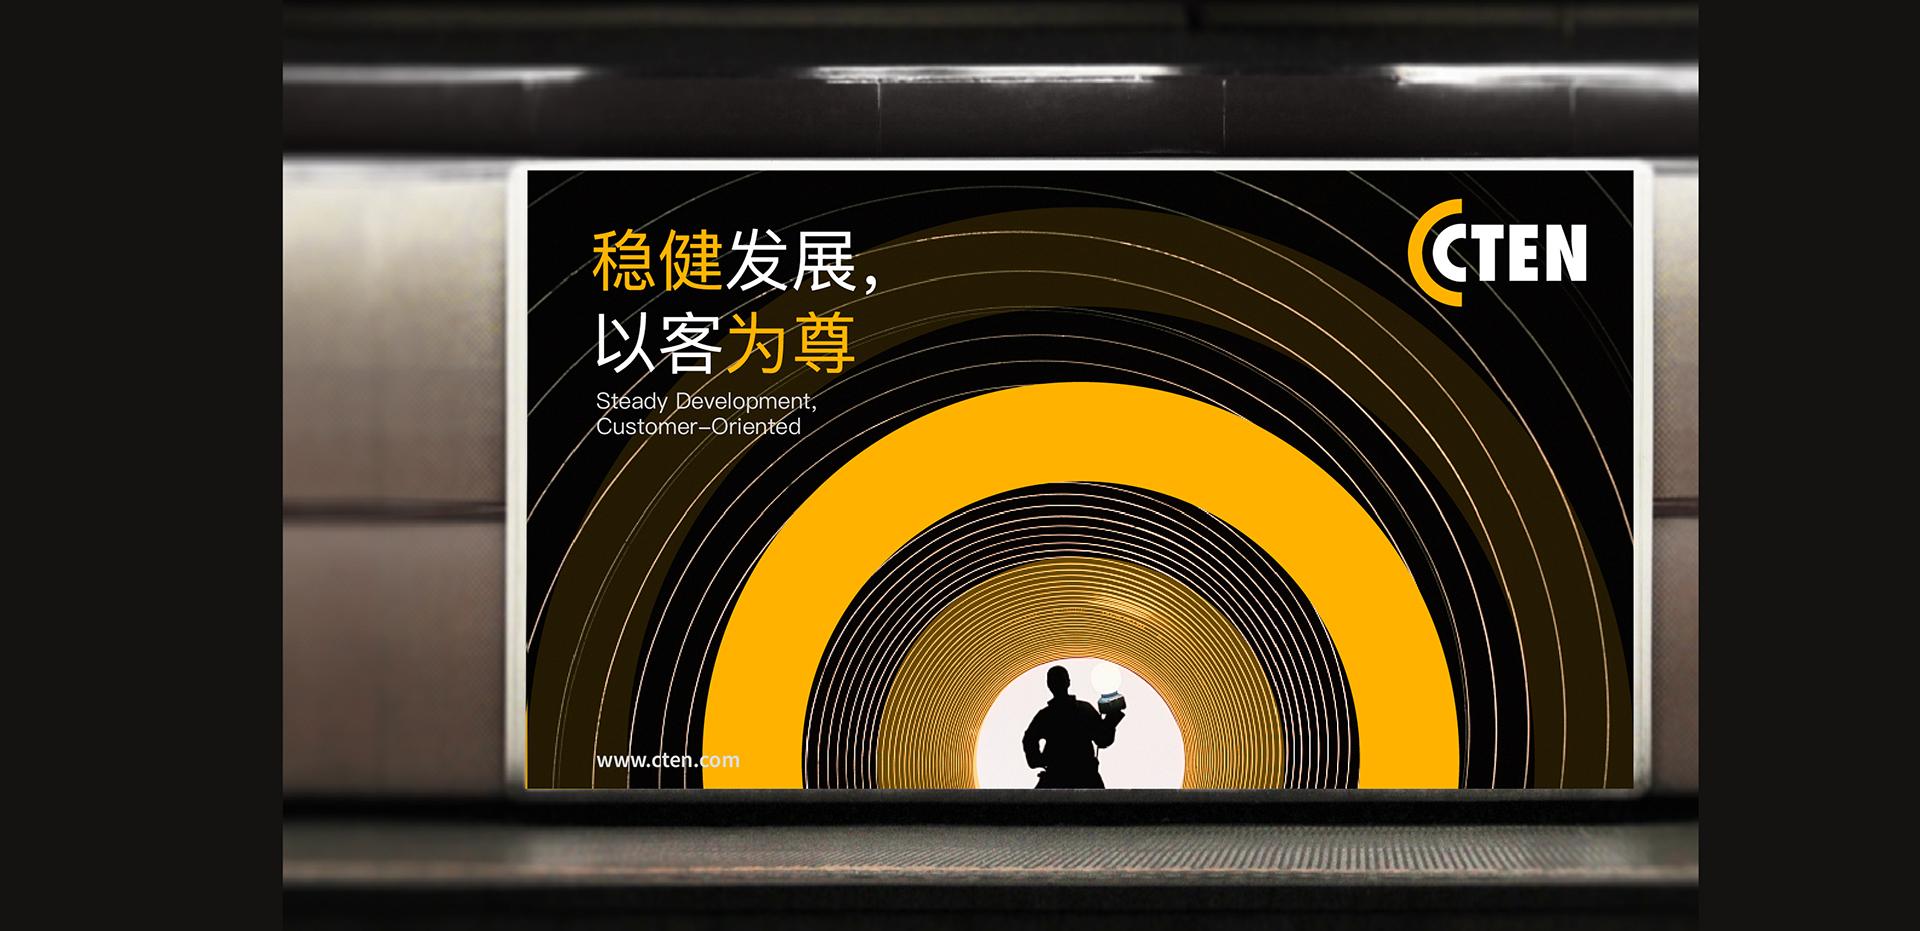 201007-中燧元案例-18.jpg